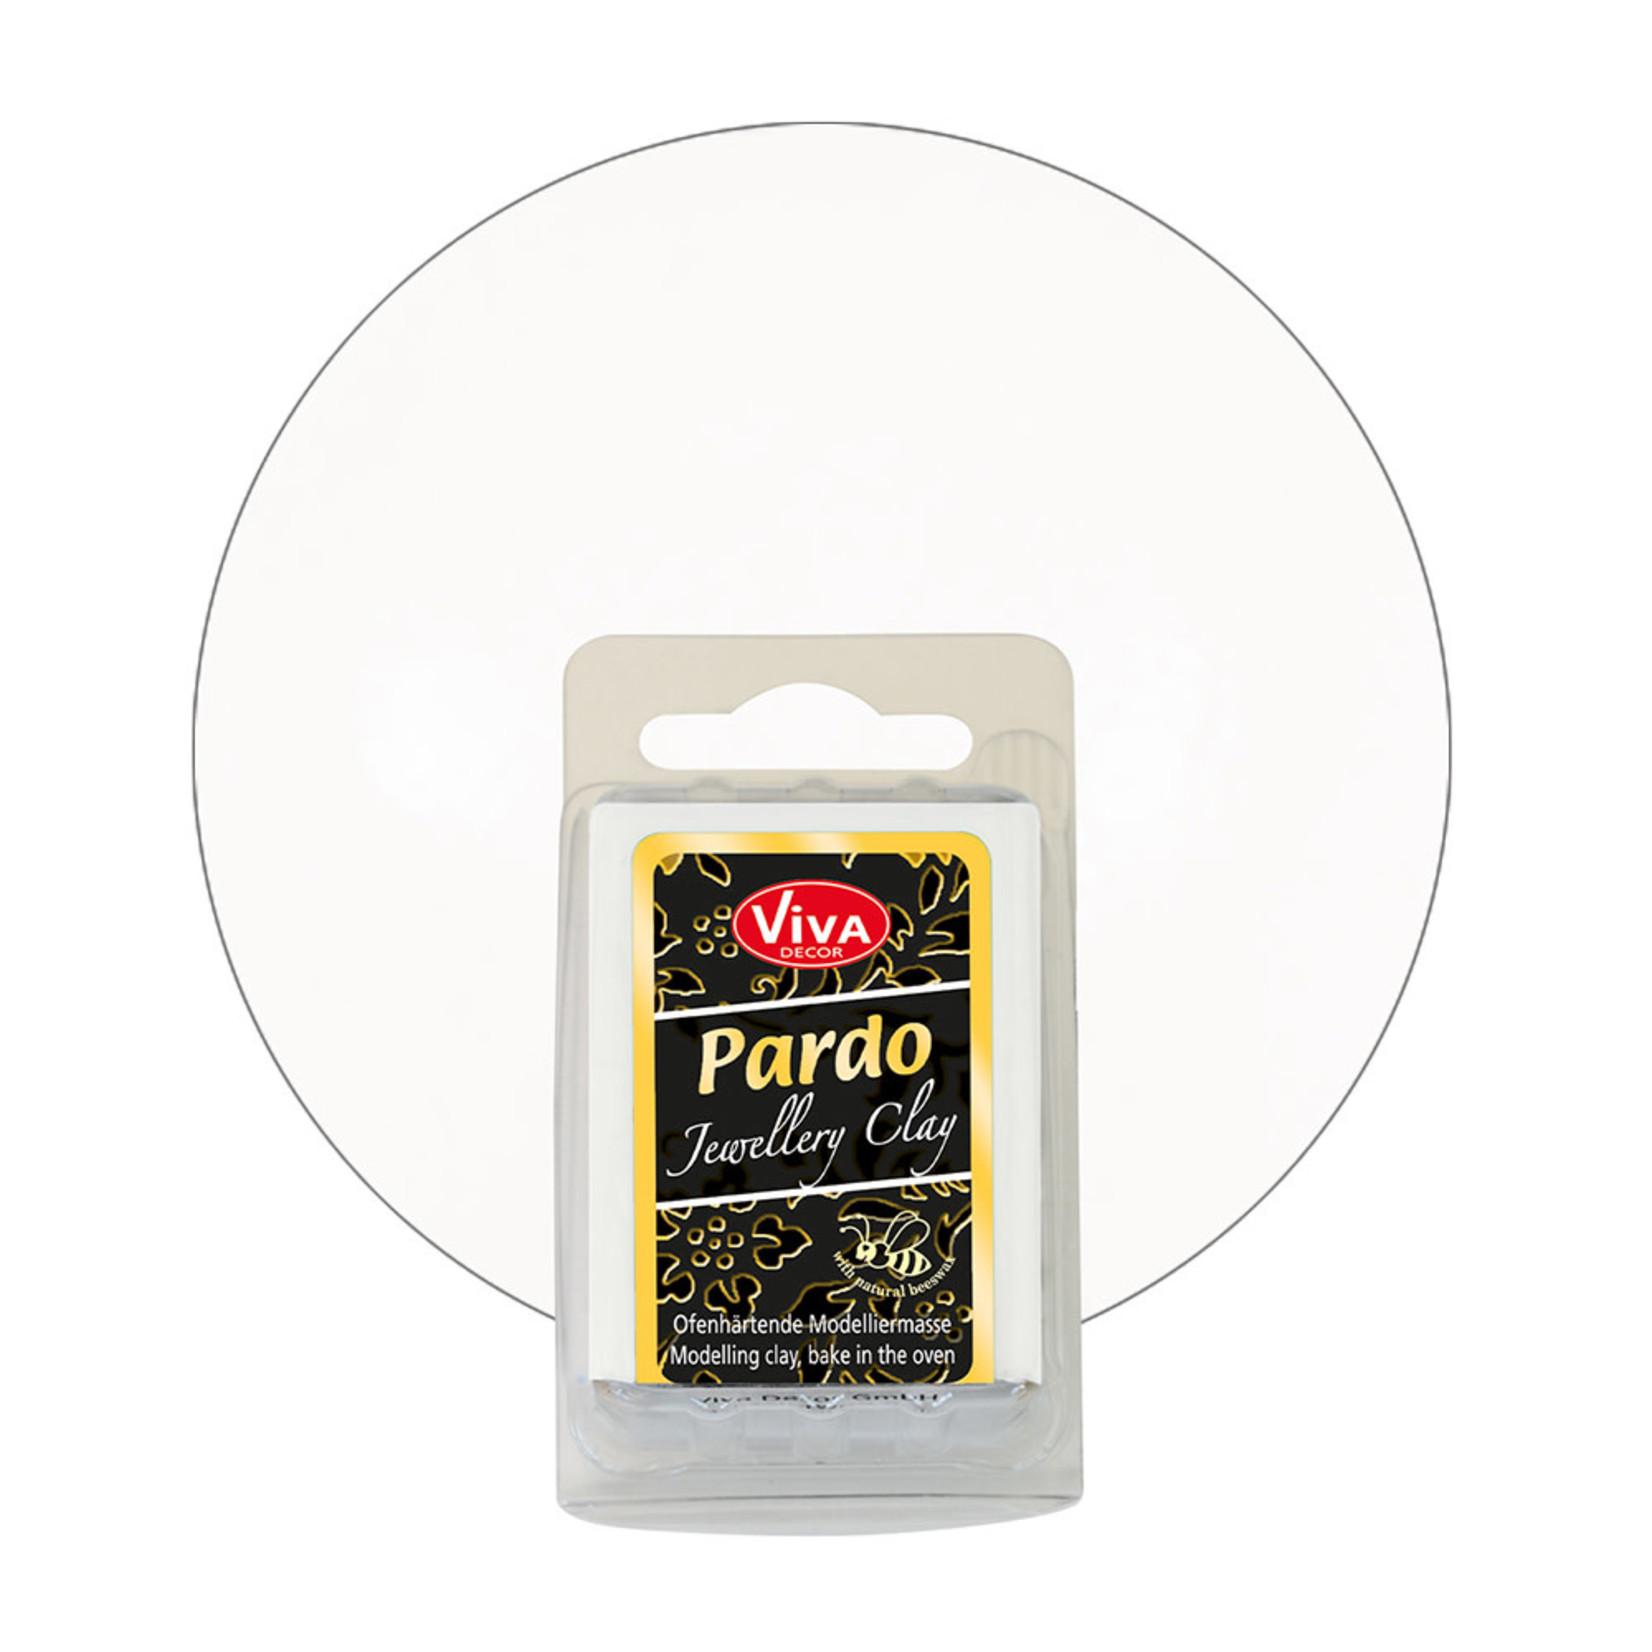 PARDO Jewelry Clay White, 56gr